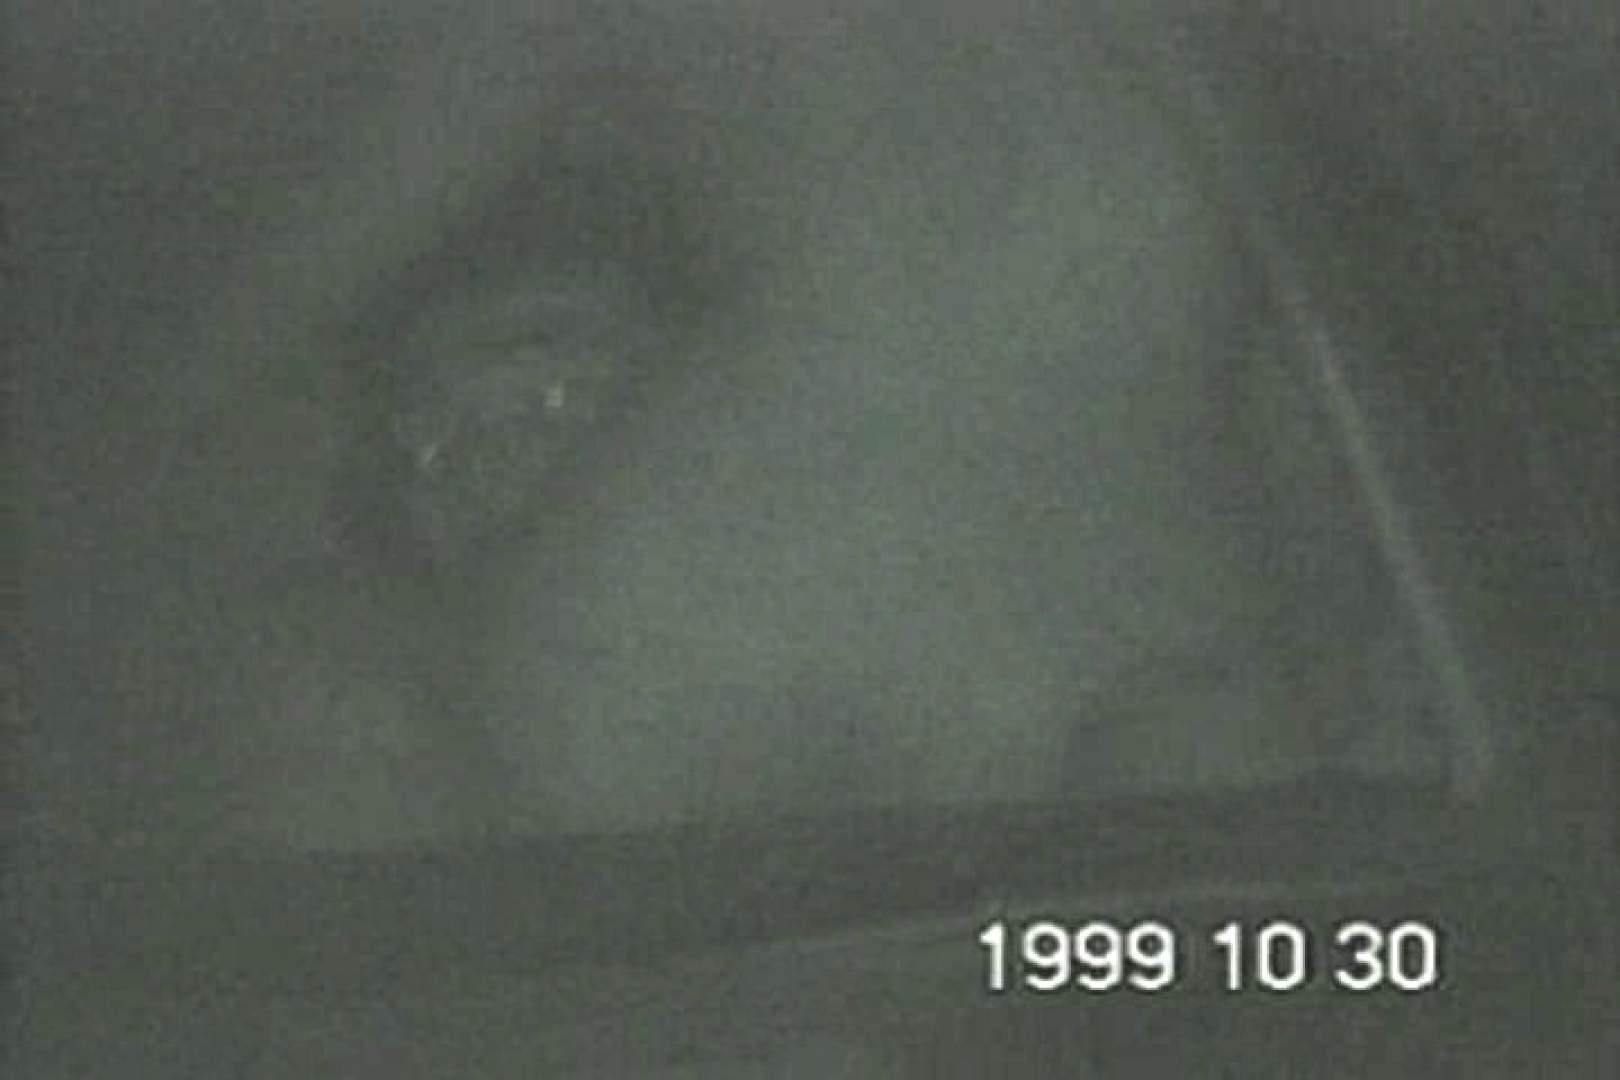 蔵出し!!赤外線カーセックスVol.5 赤外線  74画像 20